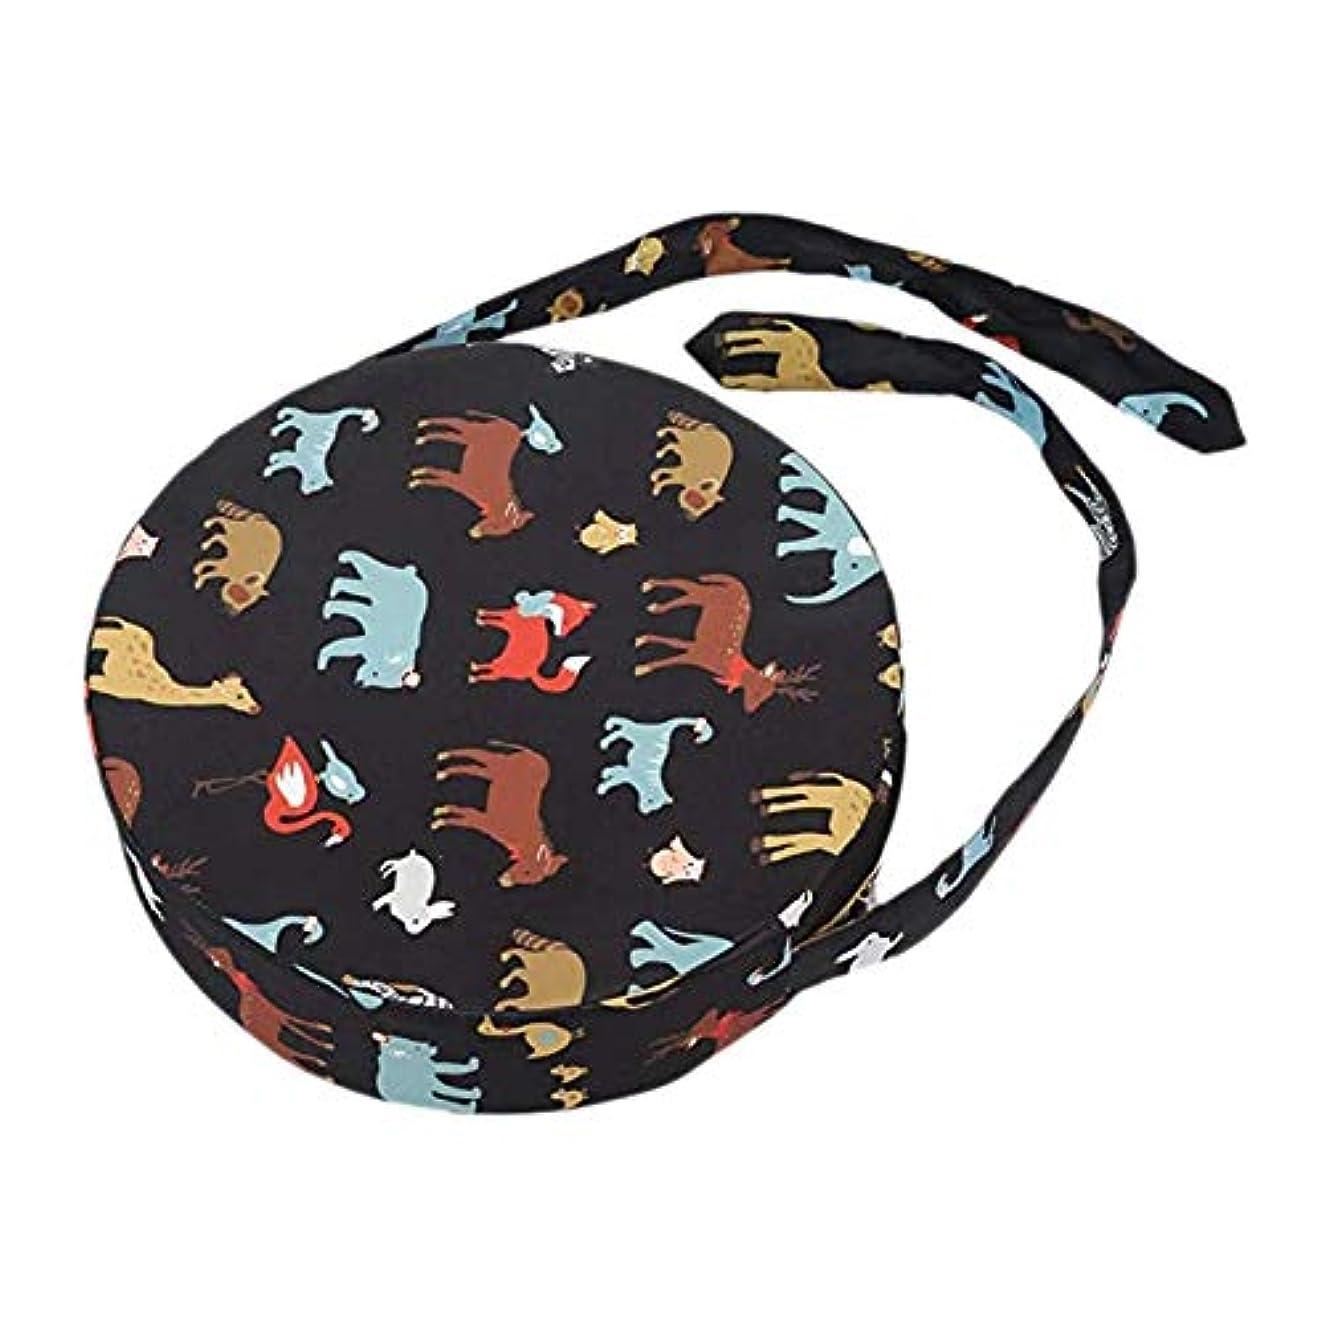 アシュリータファーマン共産主義者アルコールTamkyo キッズダイニングチェアハイトクッション高さ調整可能なチェアブースターシートパッド 幼児キッズベイビー用